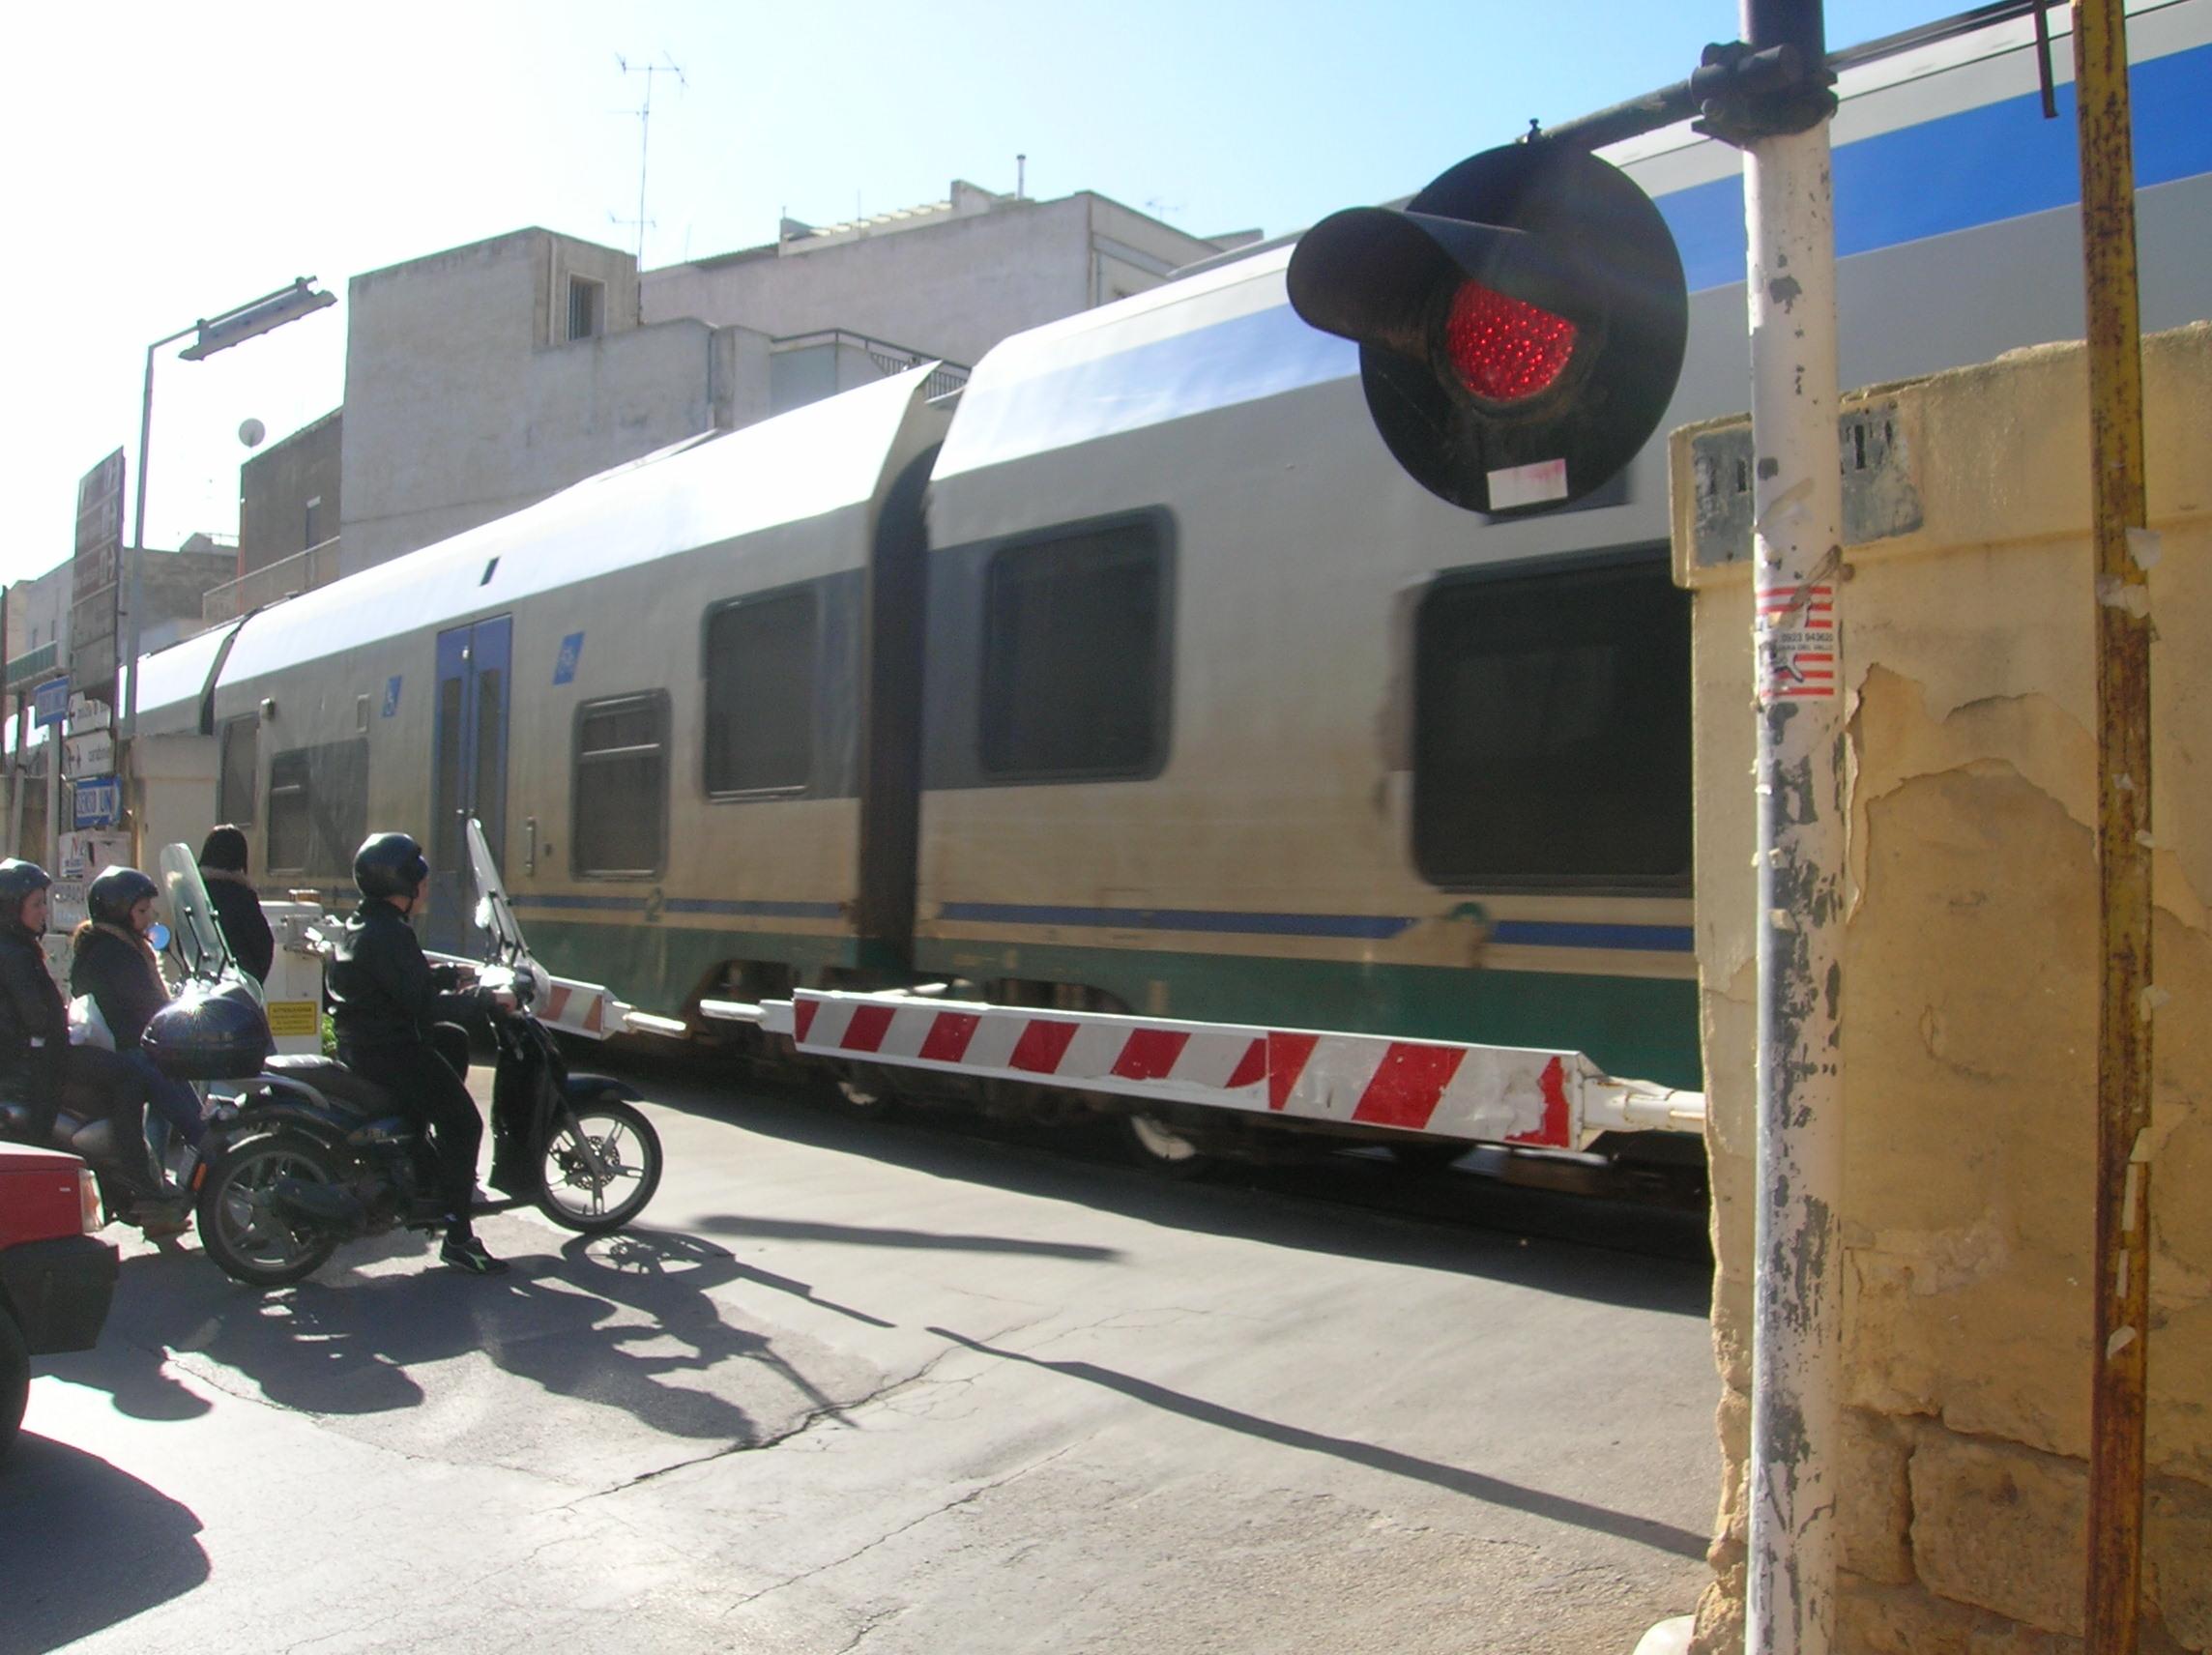 M5S. Disservizi, ritardi e problemi di sicurezza sulla tratta ferroviaria Mazara-Trapani, atto ispettivo alla Camera